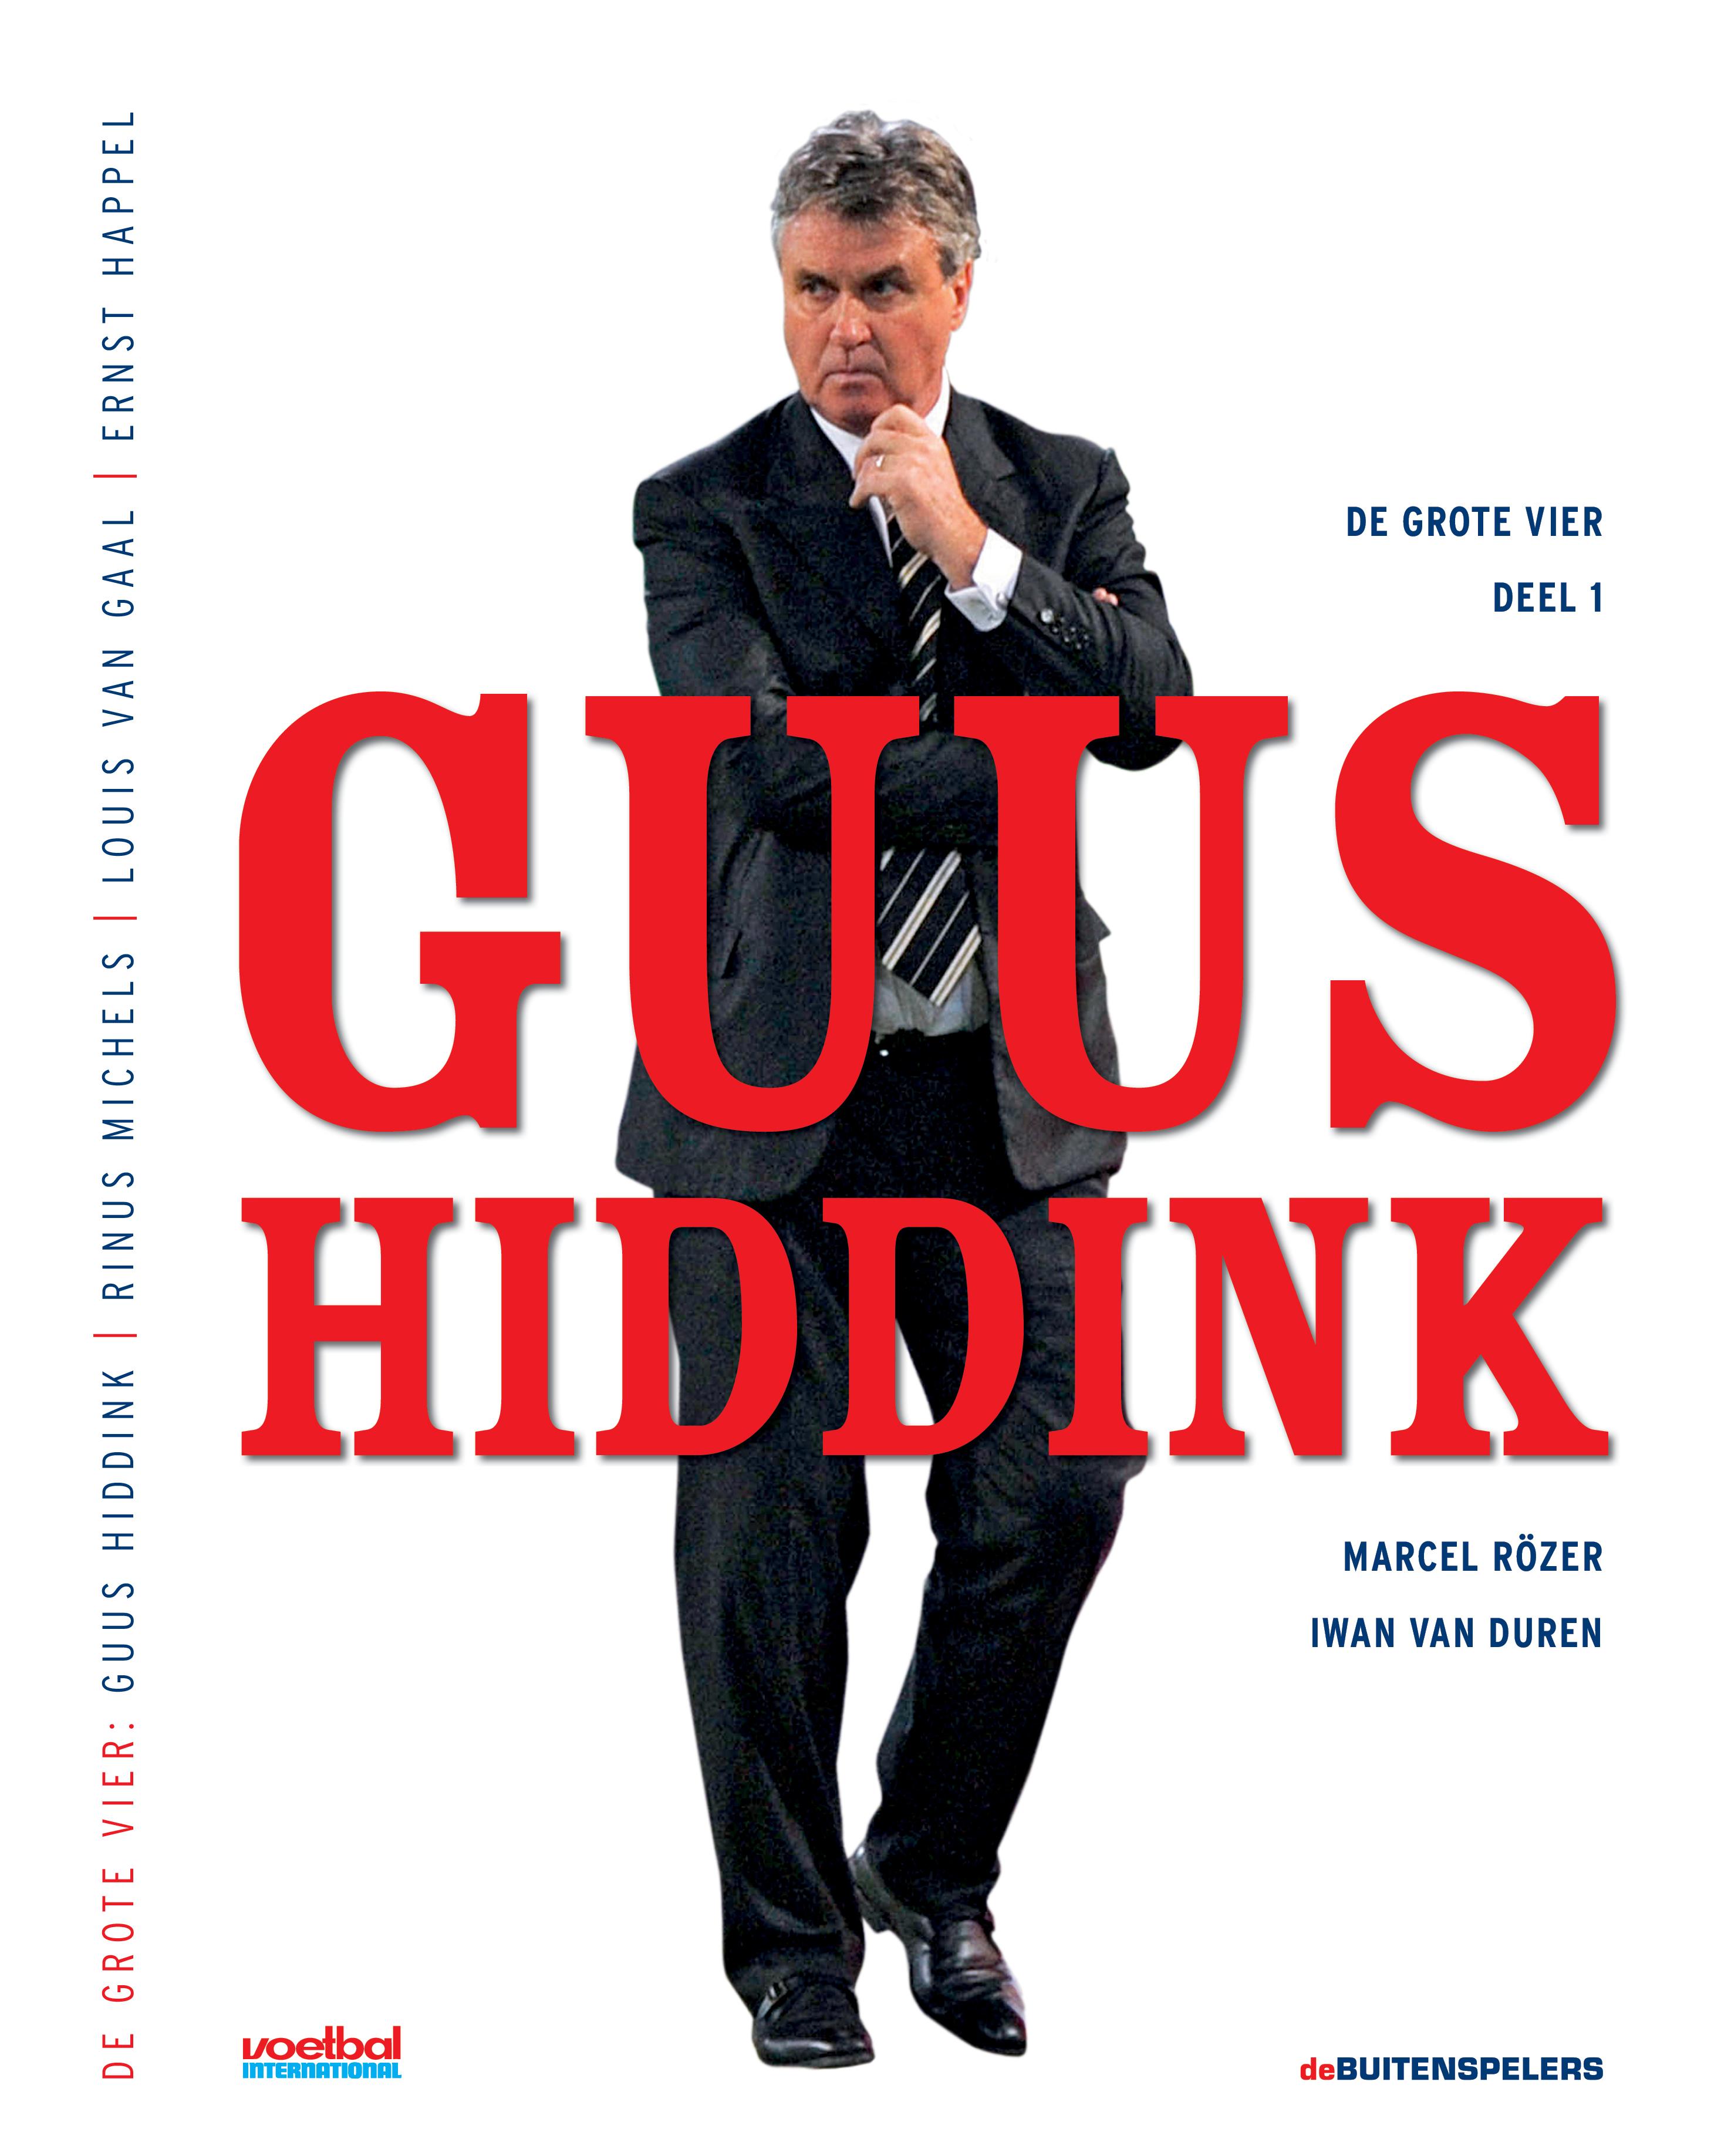 Hiddink_omslag